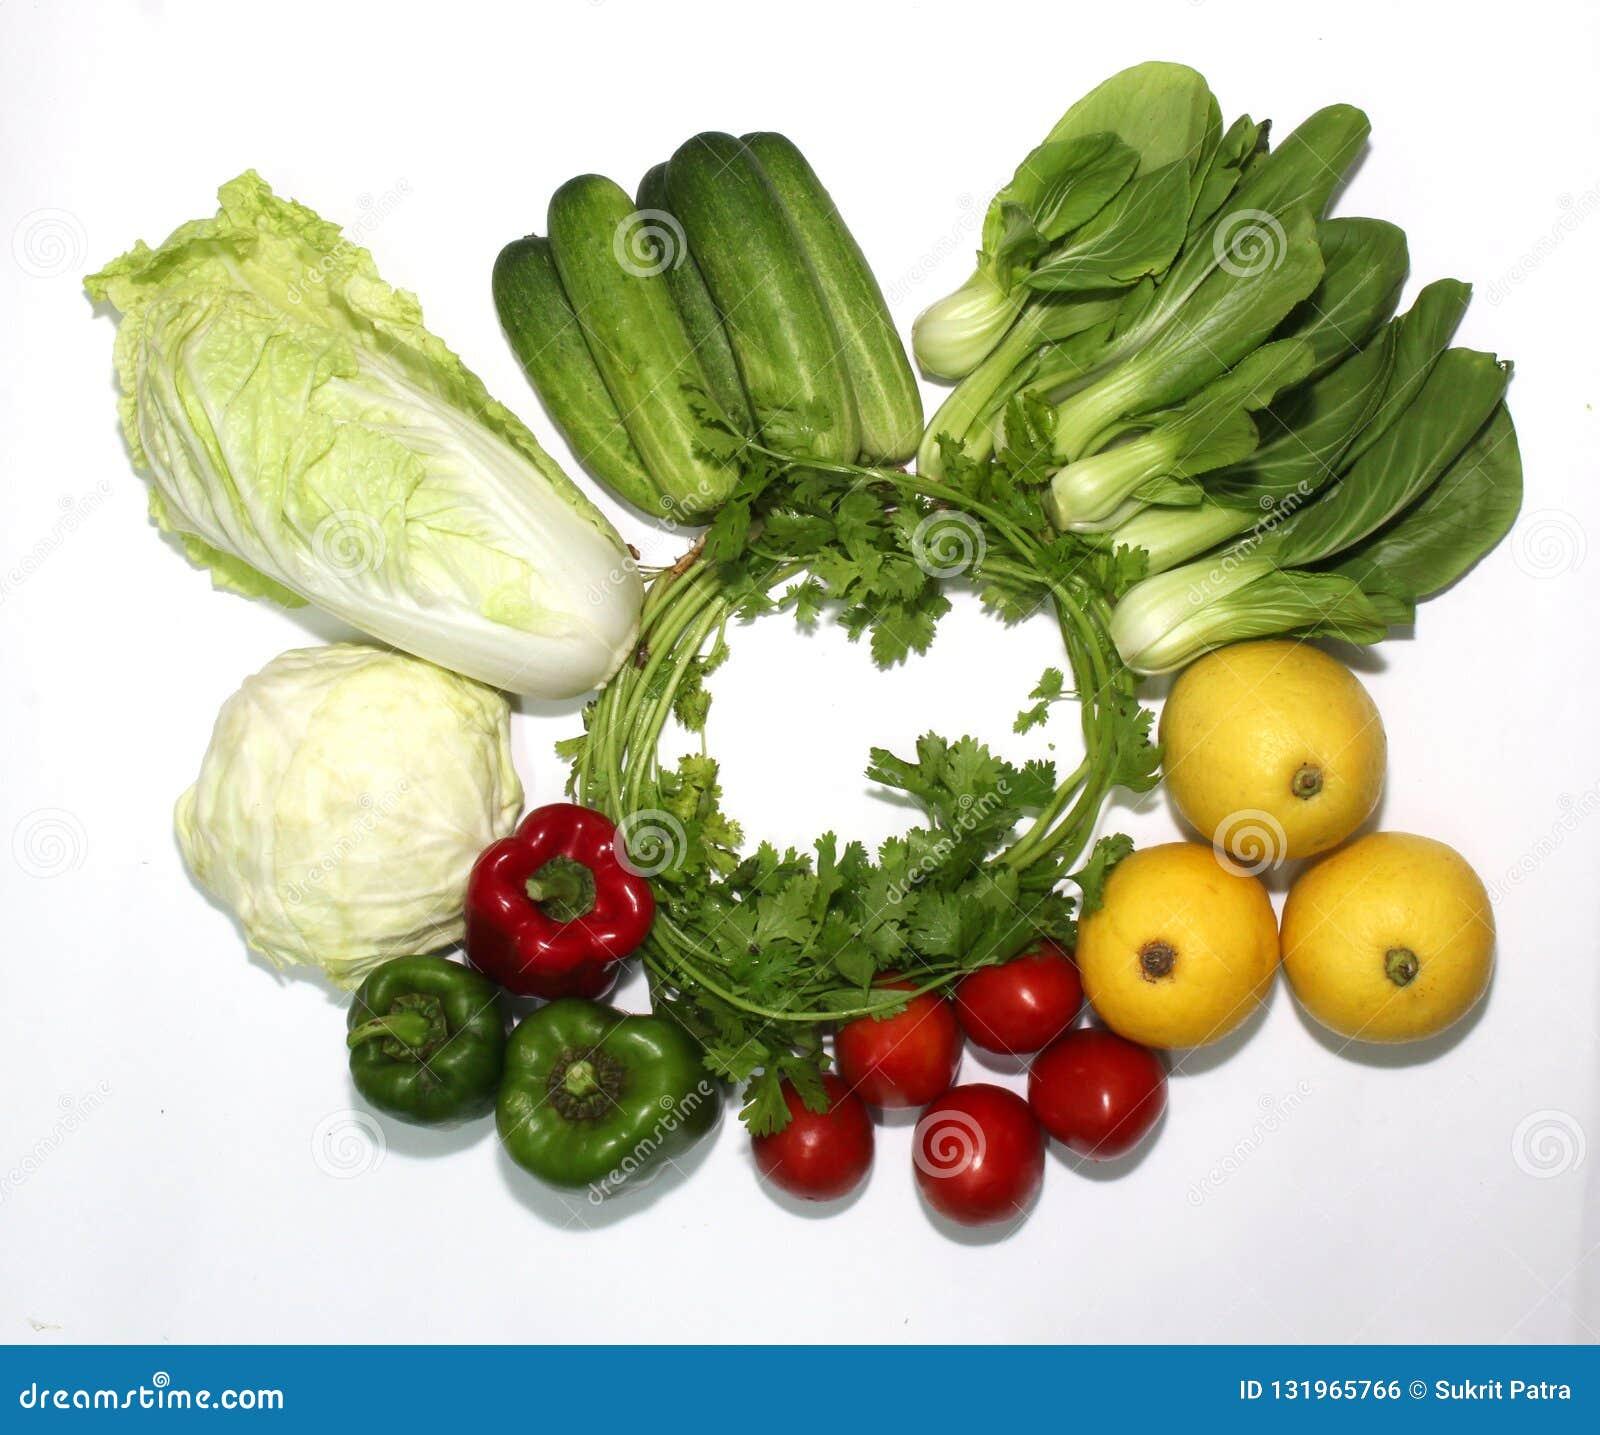 Geïllustreerde verscheidenheid van groenten op een witte achtergrond en een mooie spar,